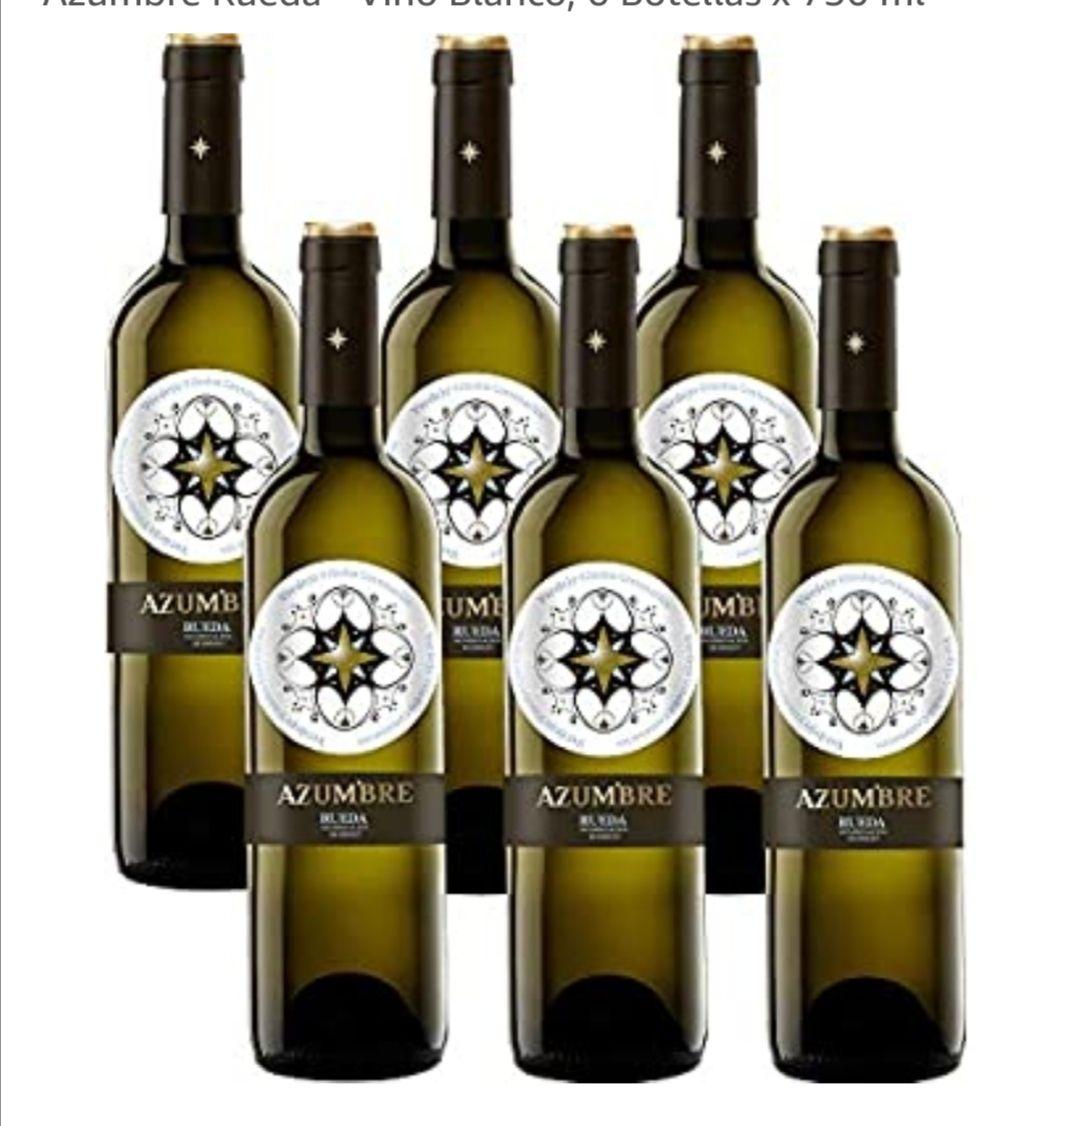 Azumbre Rueda - Vino Blanco, 6 Botellas x 750 ml